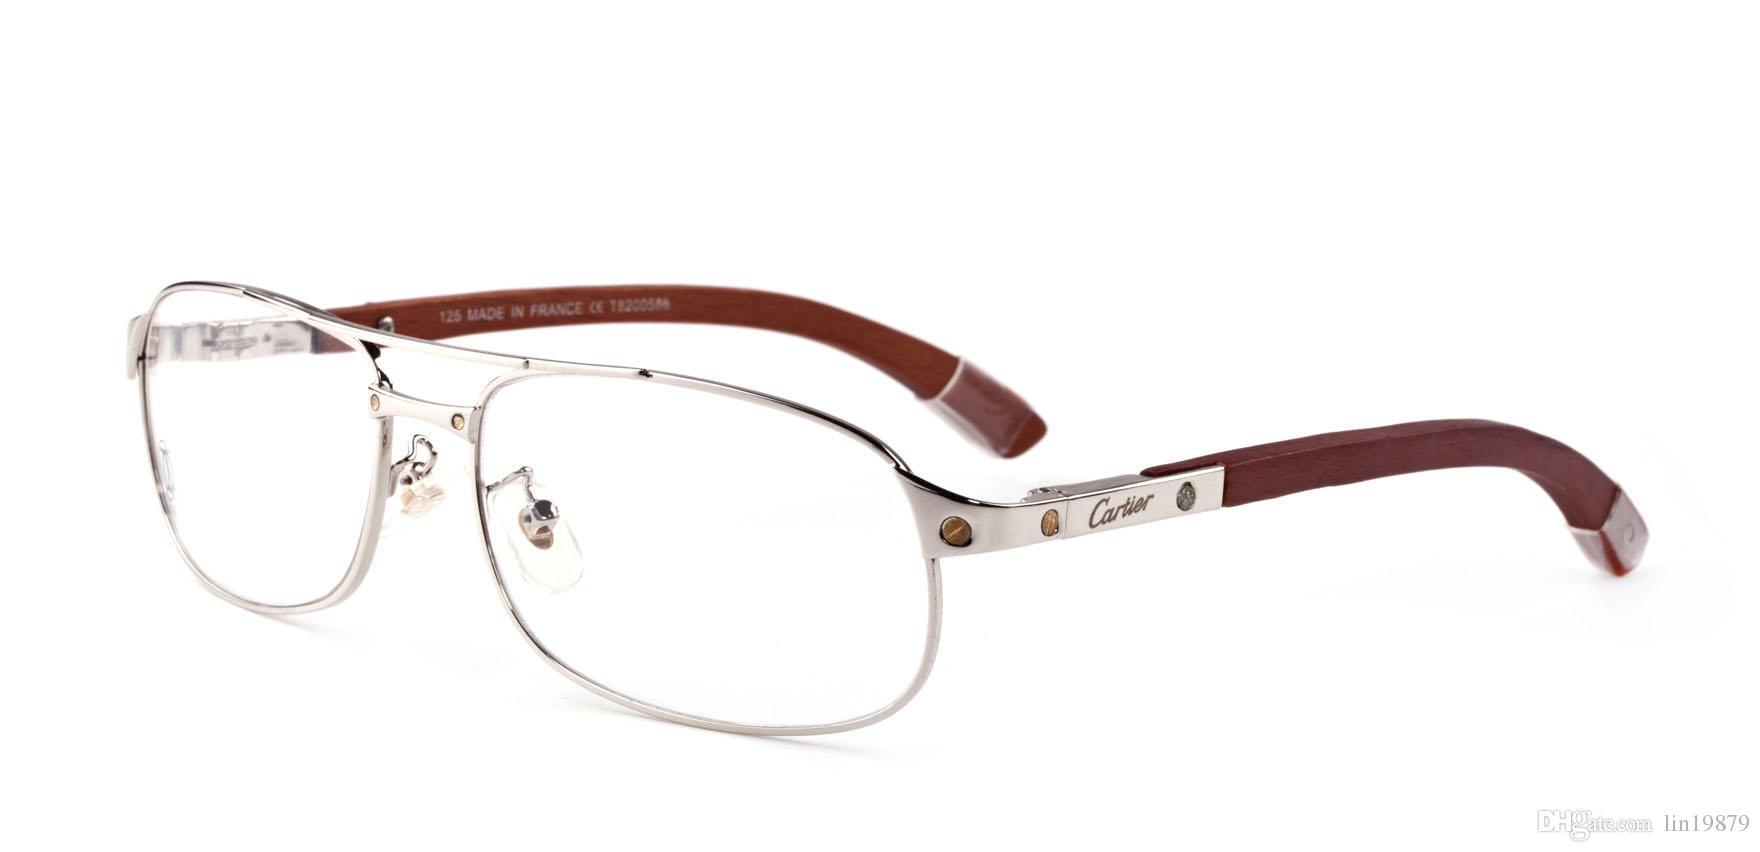 Full metal Sliver Gafas de sol Marcos de madera piernas Hombres Diseñador de la marca mujeres Marcos Oculos De Sol Feminino gafas de sol anteojos